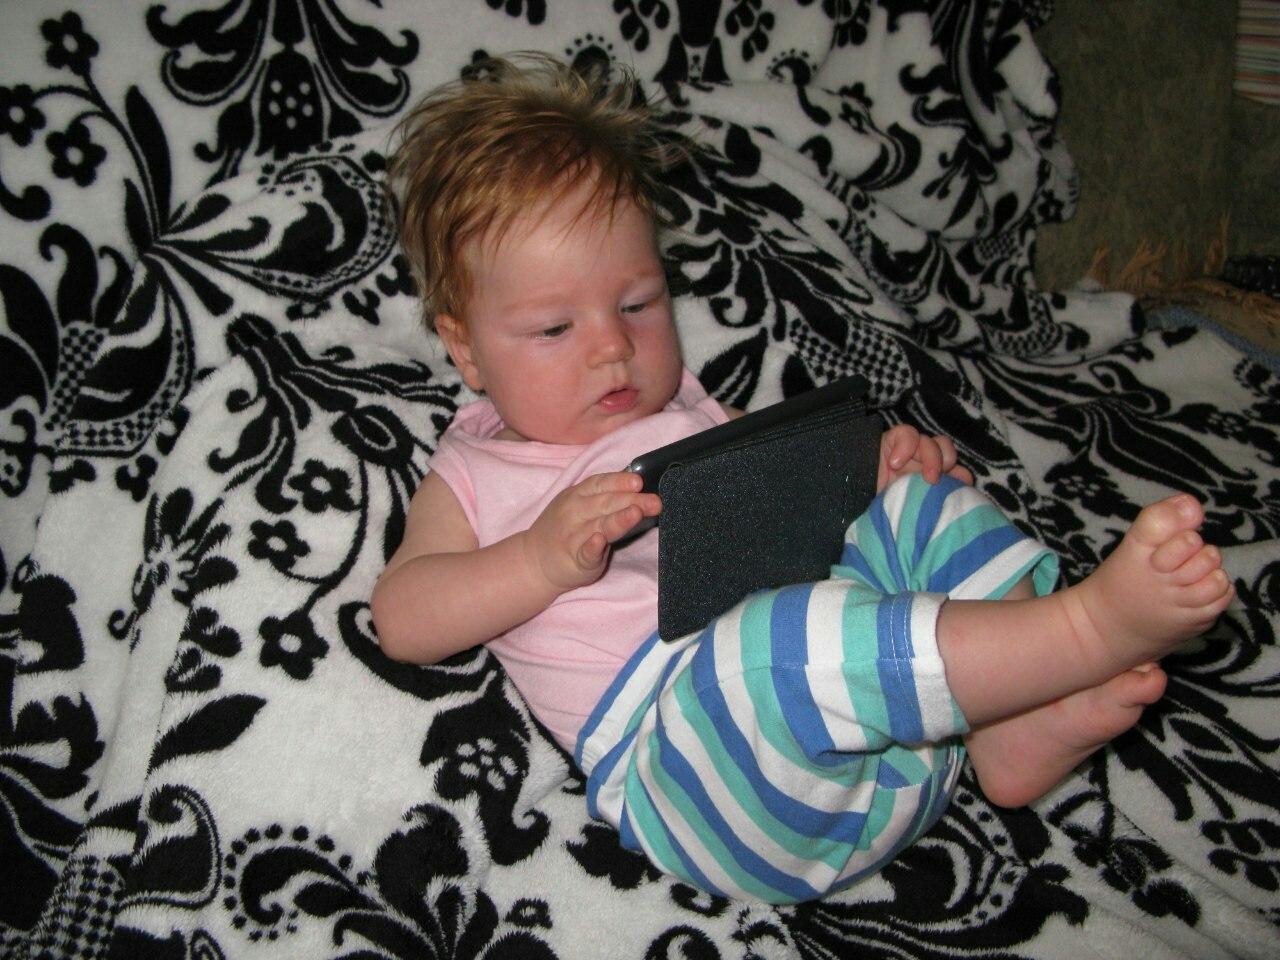 что то инет глючит:). Дети в интернете